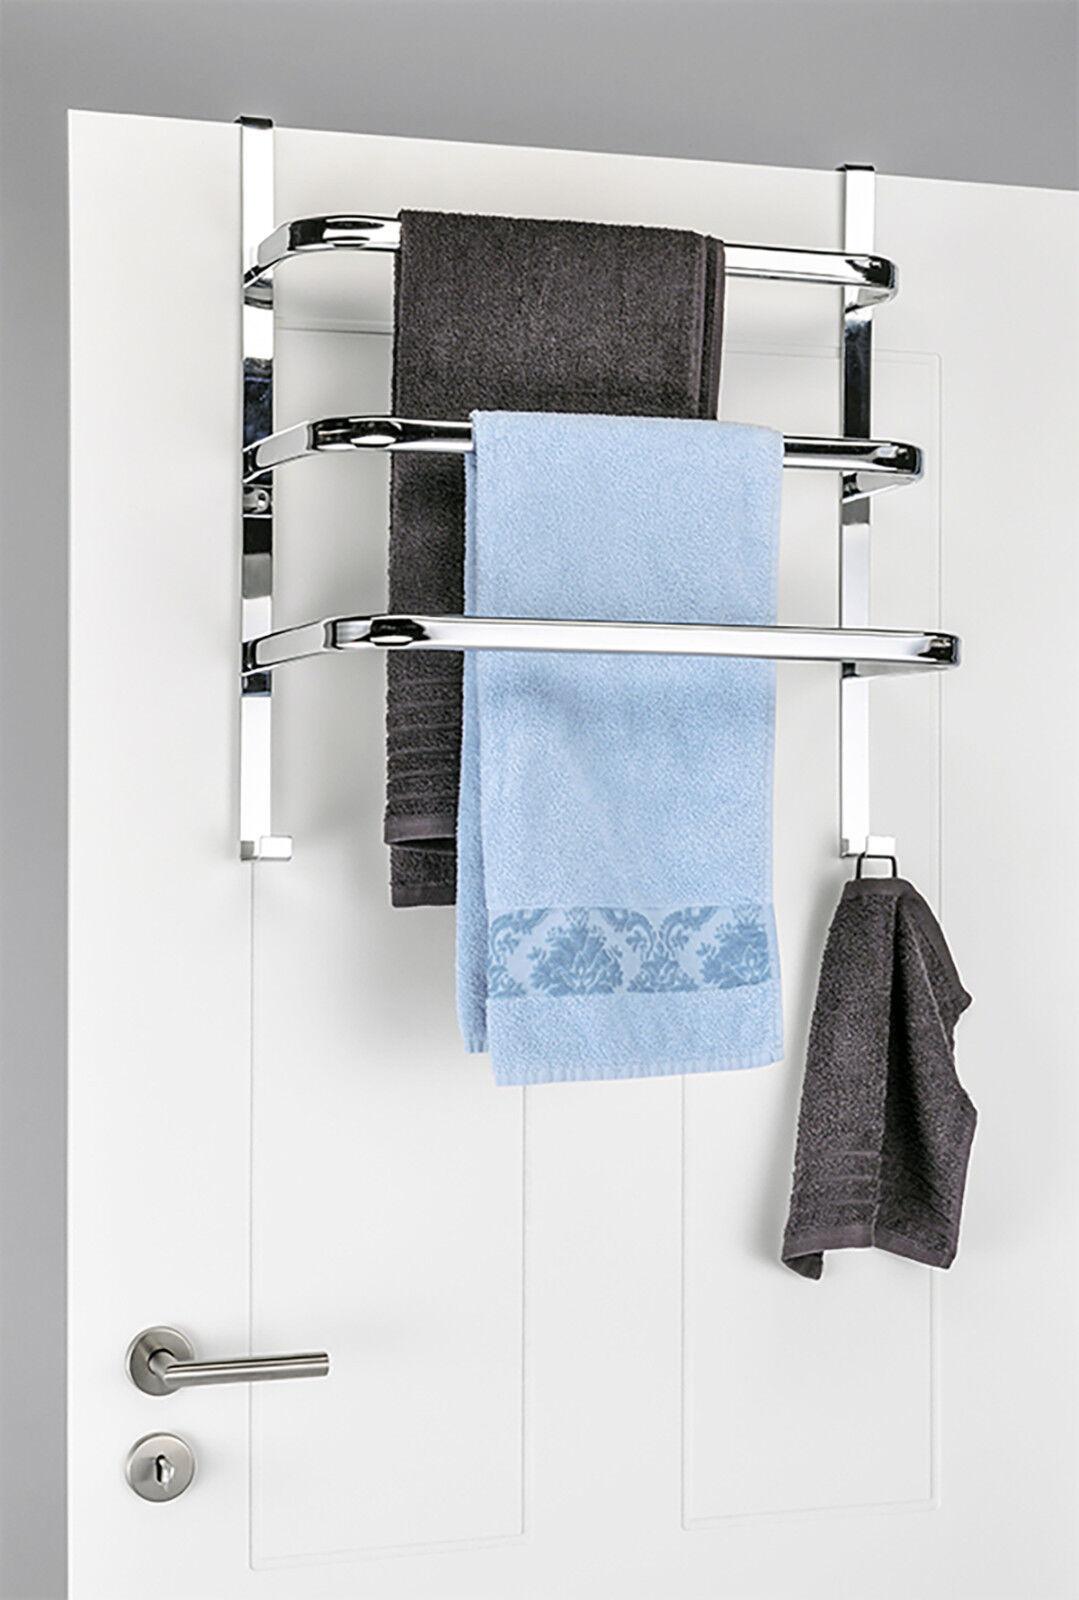 Tür - Handtuchhalter, verchromt Badezimmer Schlafzimmer trocknen aufhängen